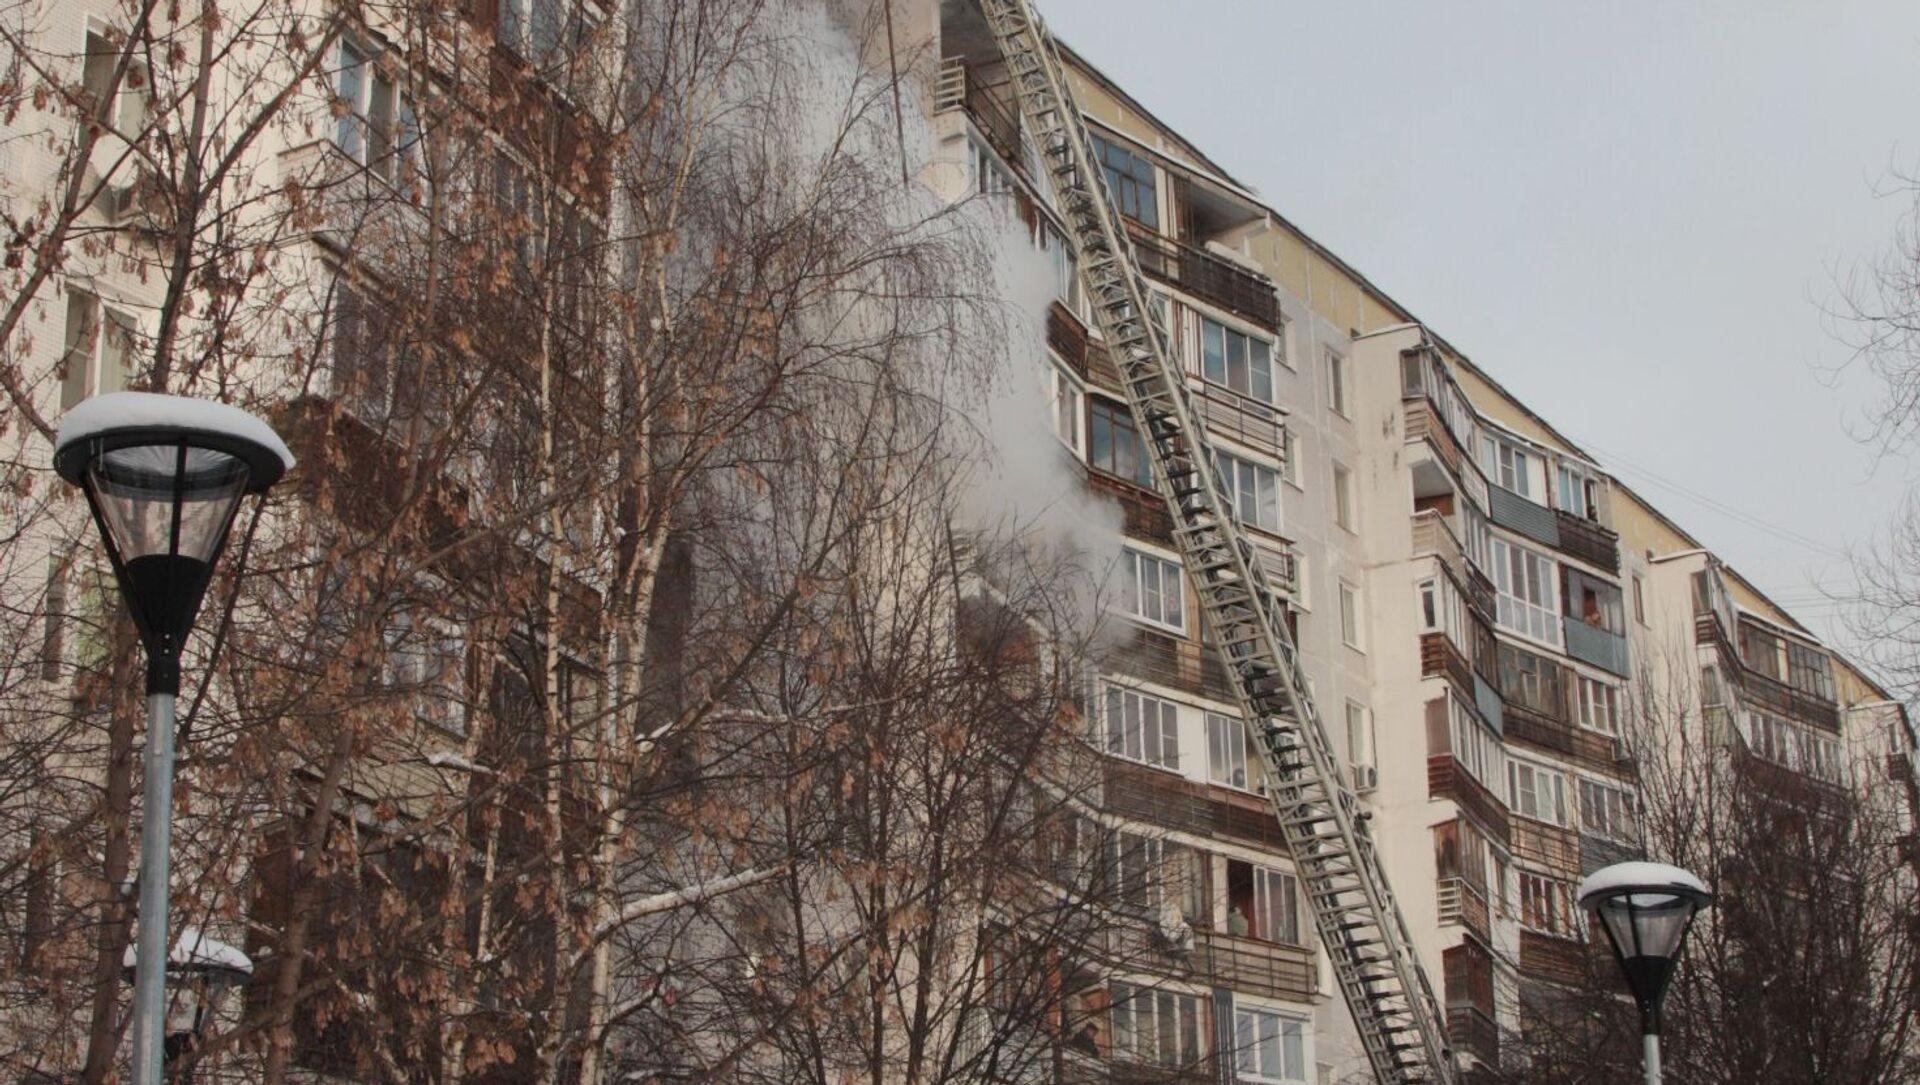 Пожар в Новой Москве - Sputnik Беларусь, 1920, 06.02.2021